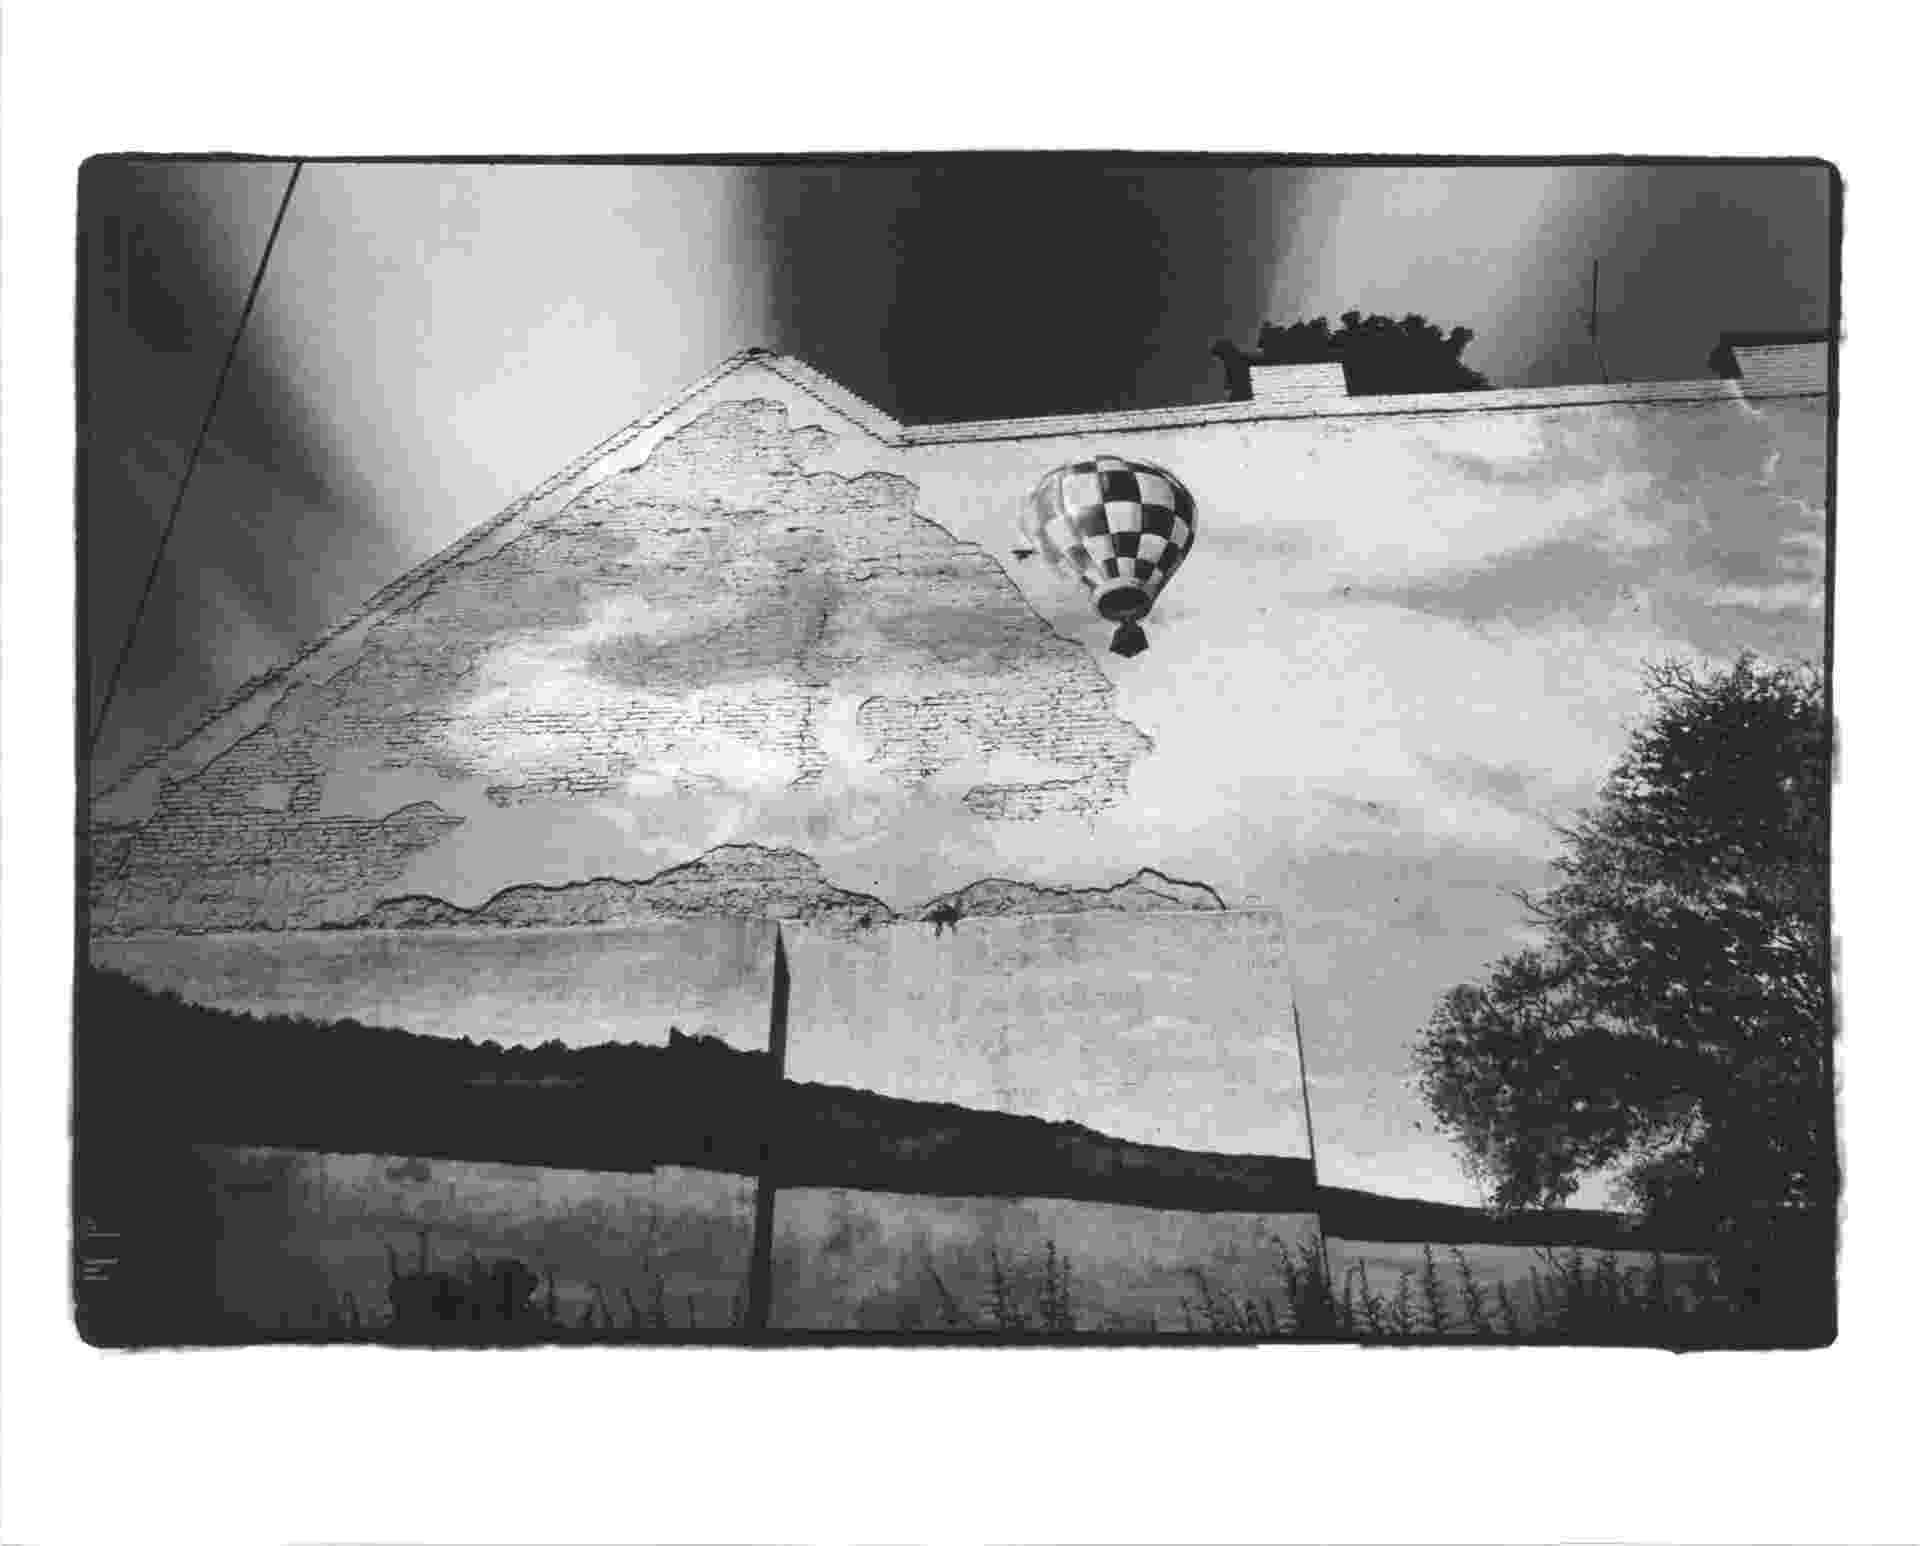 """Croácia: imagem faz parte da exposição """"Jessica Lange: Fotógrafa"""", que a atriz inaugura no Museu da Imagem e do Som de São Paulo - Jessica Lange/Divulgação"""